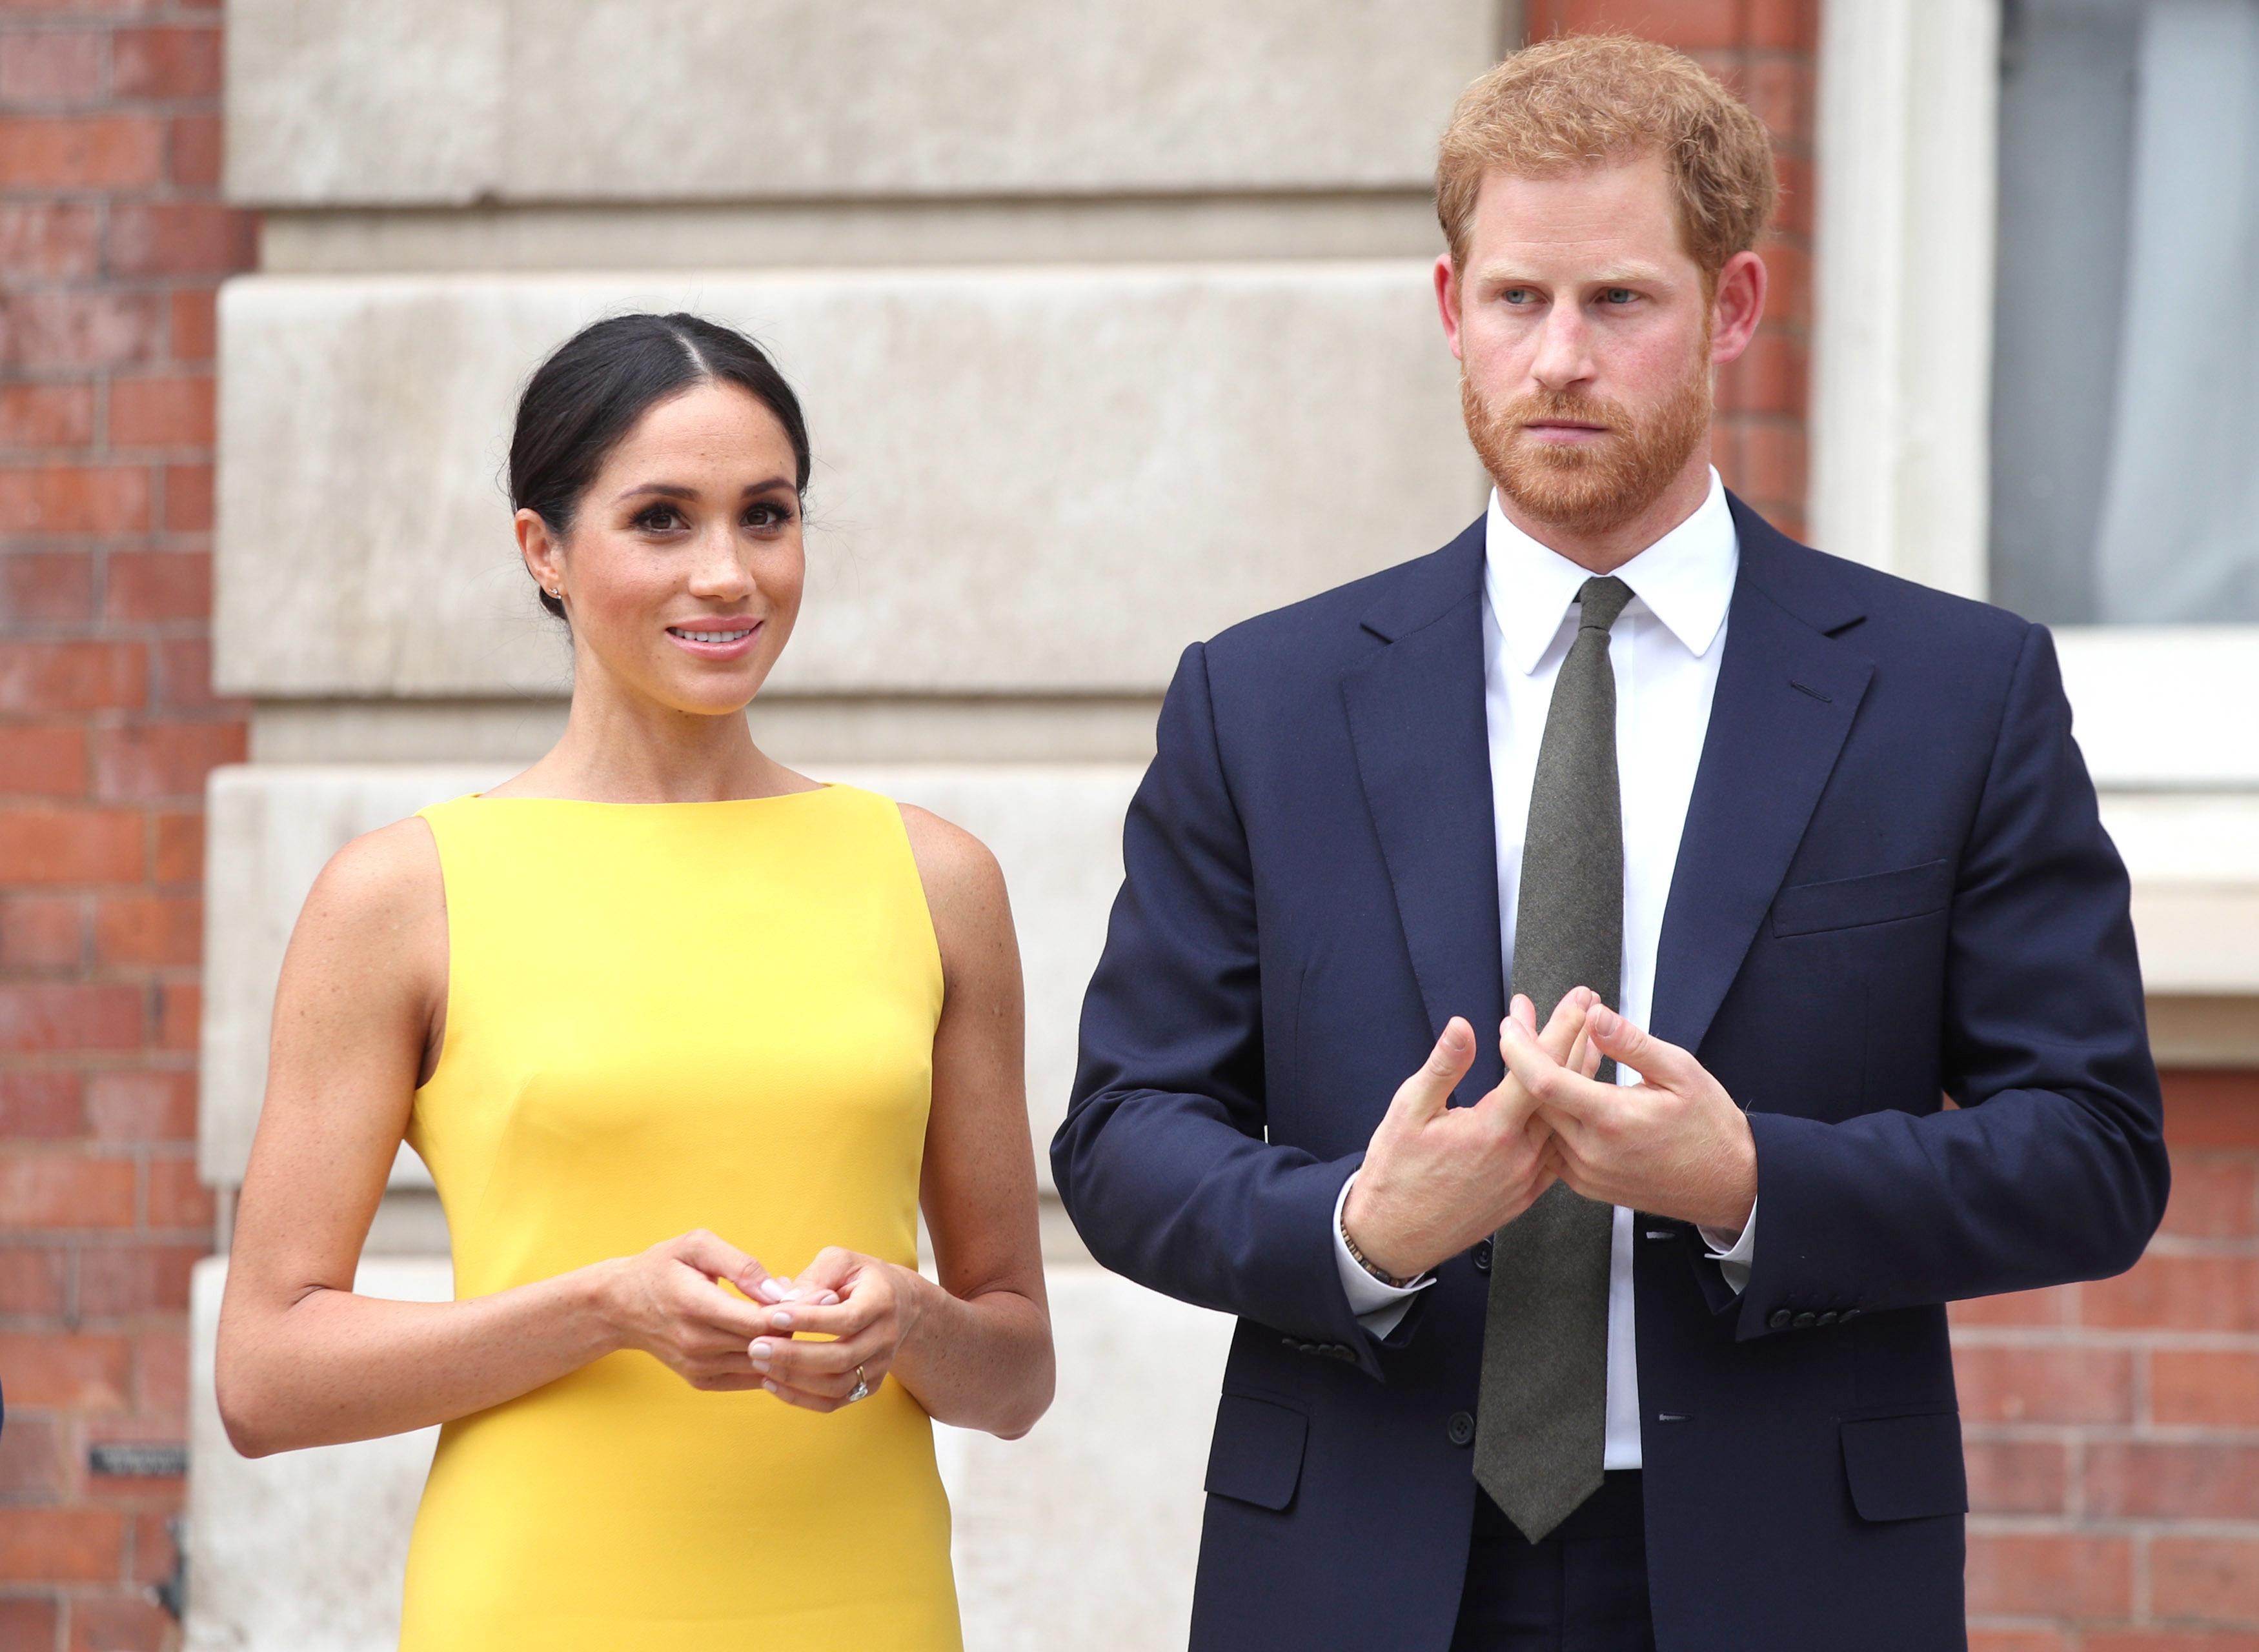 เจ้าชายยังสามารถได้รับการแต่งกายจากราชินีสำหรับองค์ประกอบของพฤติกรรมของเขาตั้งแต่ออกจาก 'บริษัท '